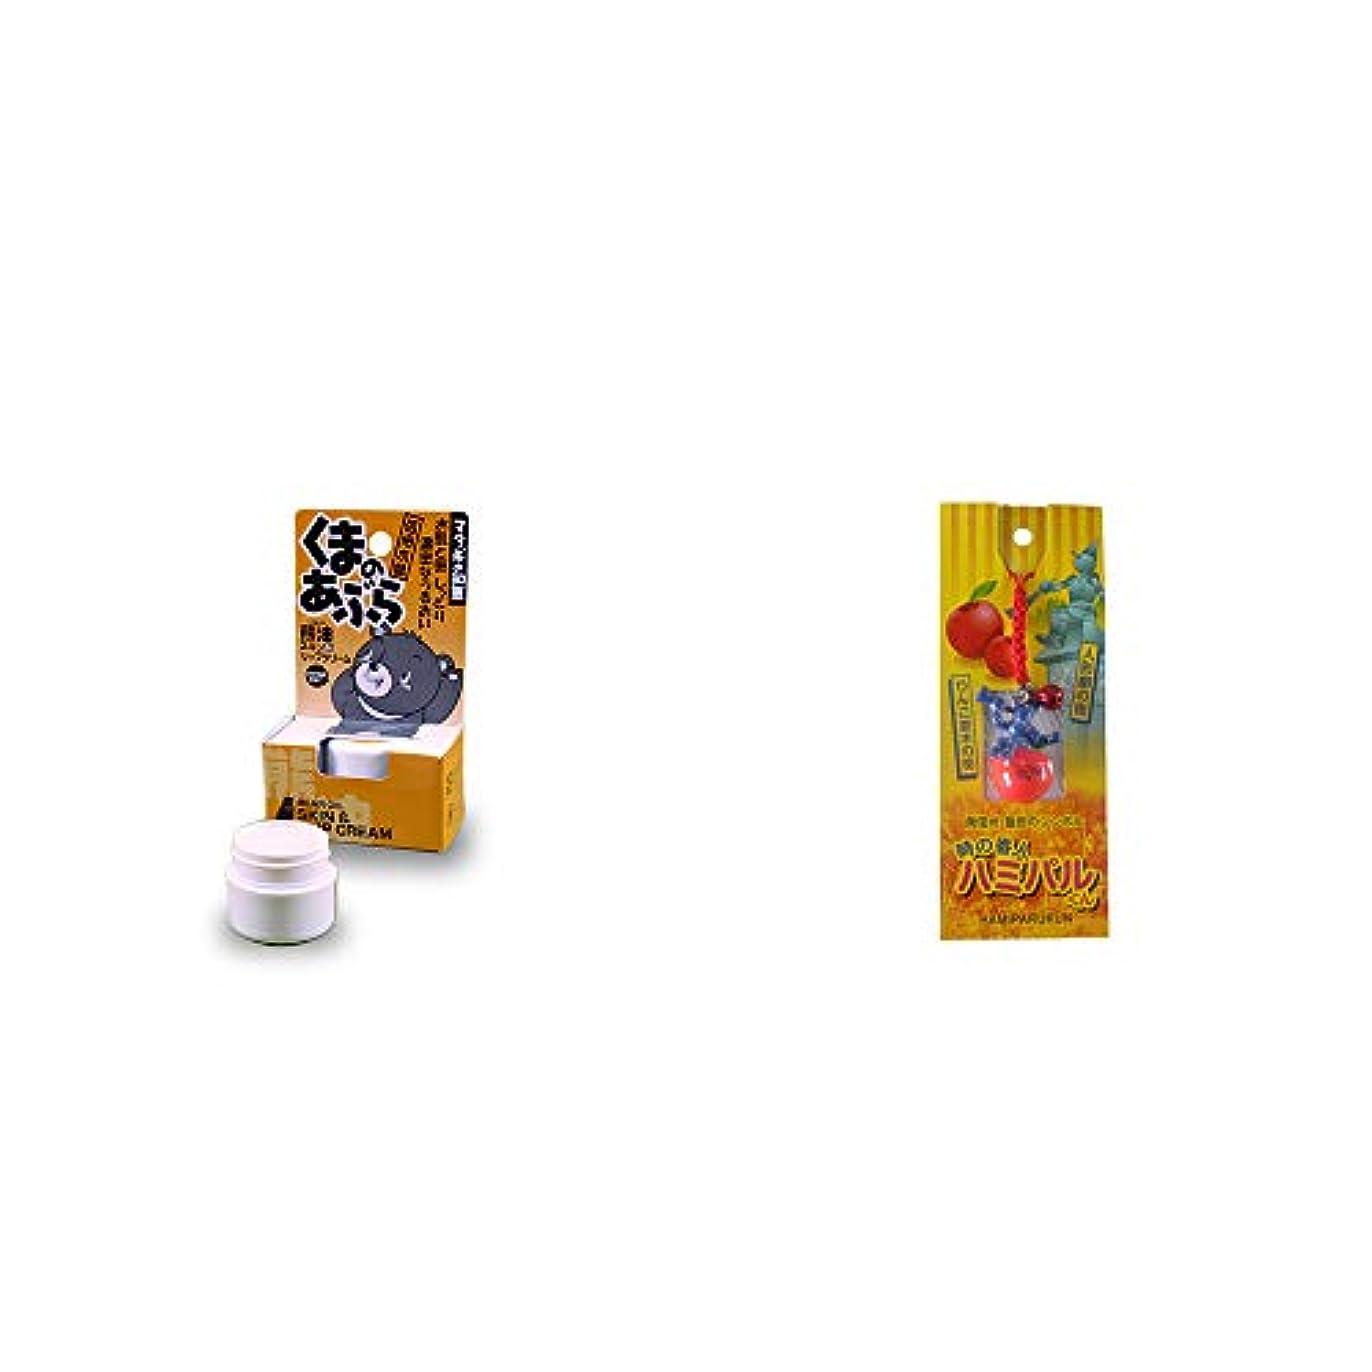 ラジエーター道徳交換[2点セット] 信州木曽 くまのあぶら 熊油スキン&リップクリーム(9g)?信州?飯田のシンボル 時の番人ハミパルくんストラップ